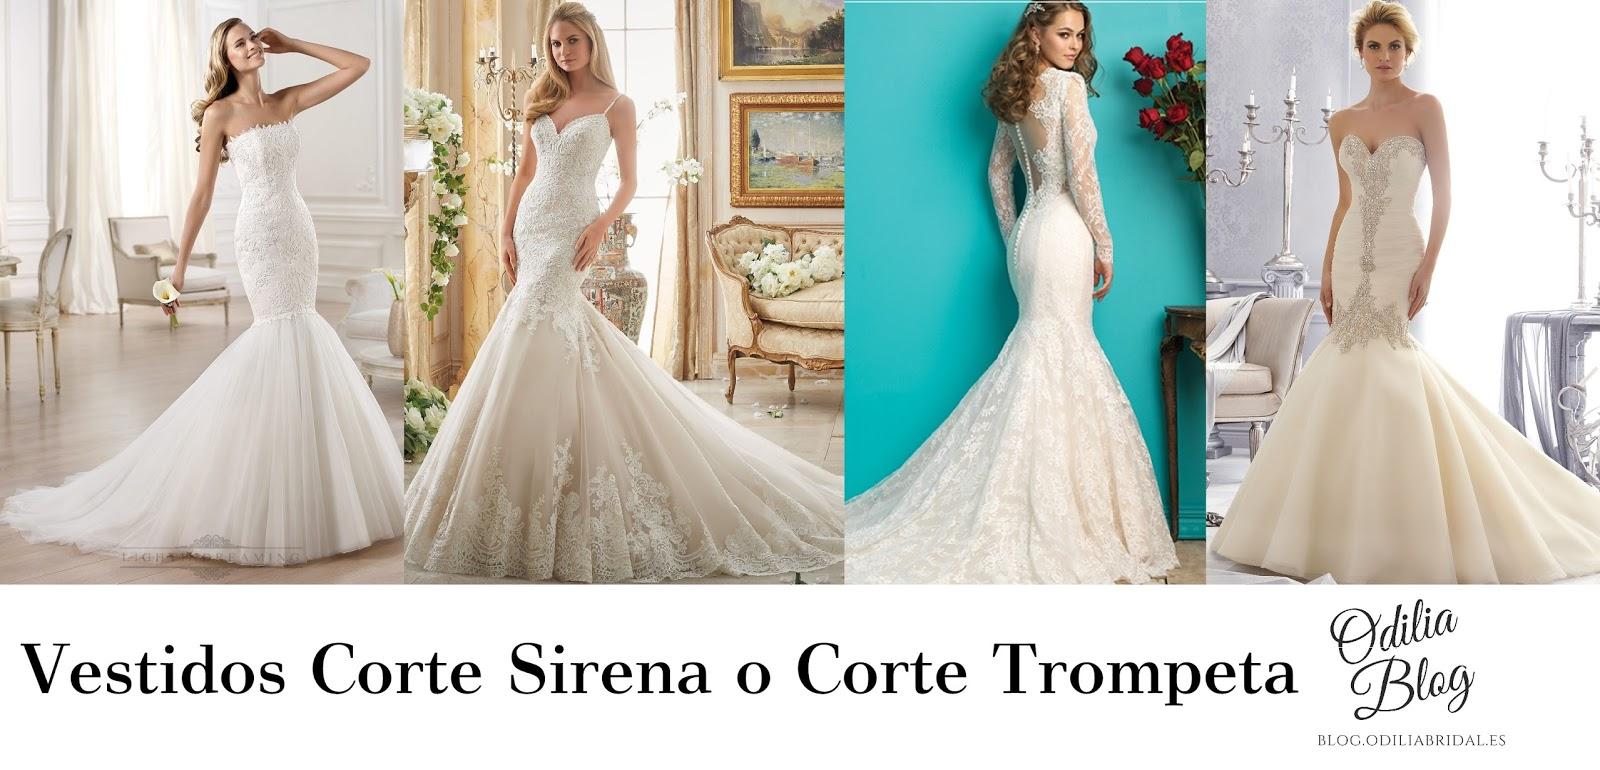 Consejos para encontrar el vestido de novia perfecto – ODILIA BRIDAL